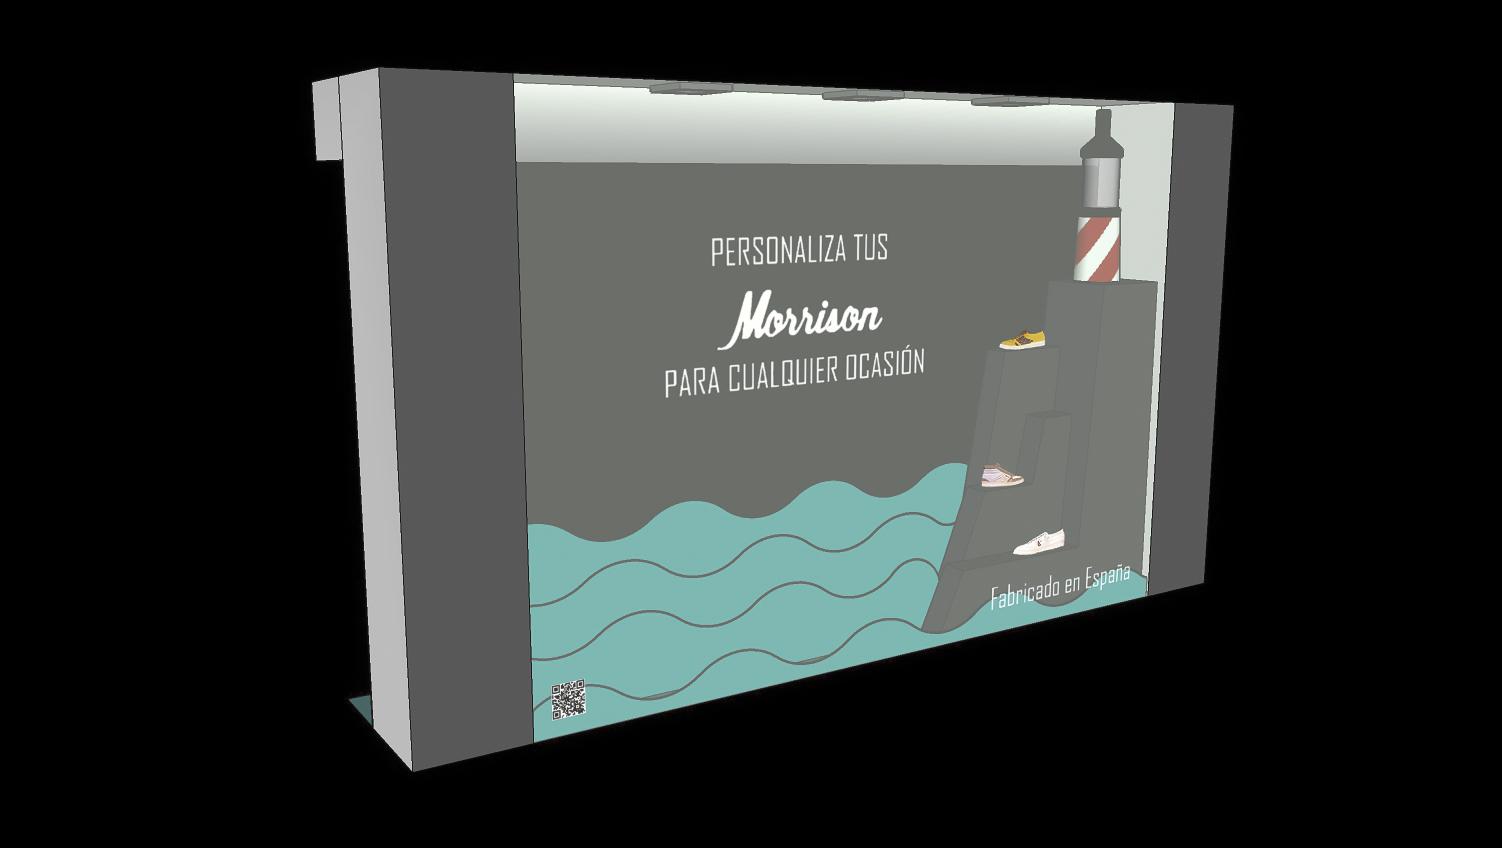 Diseño de escaparate para la marca Morrison Shoes by Esther del Castillo Hernández - Creative Work - $i